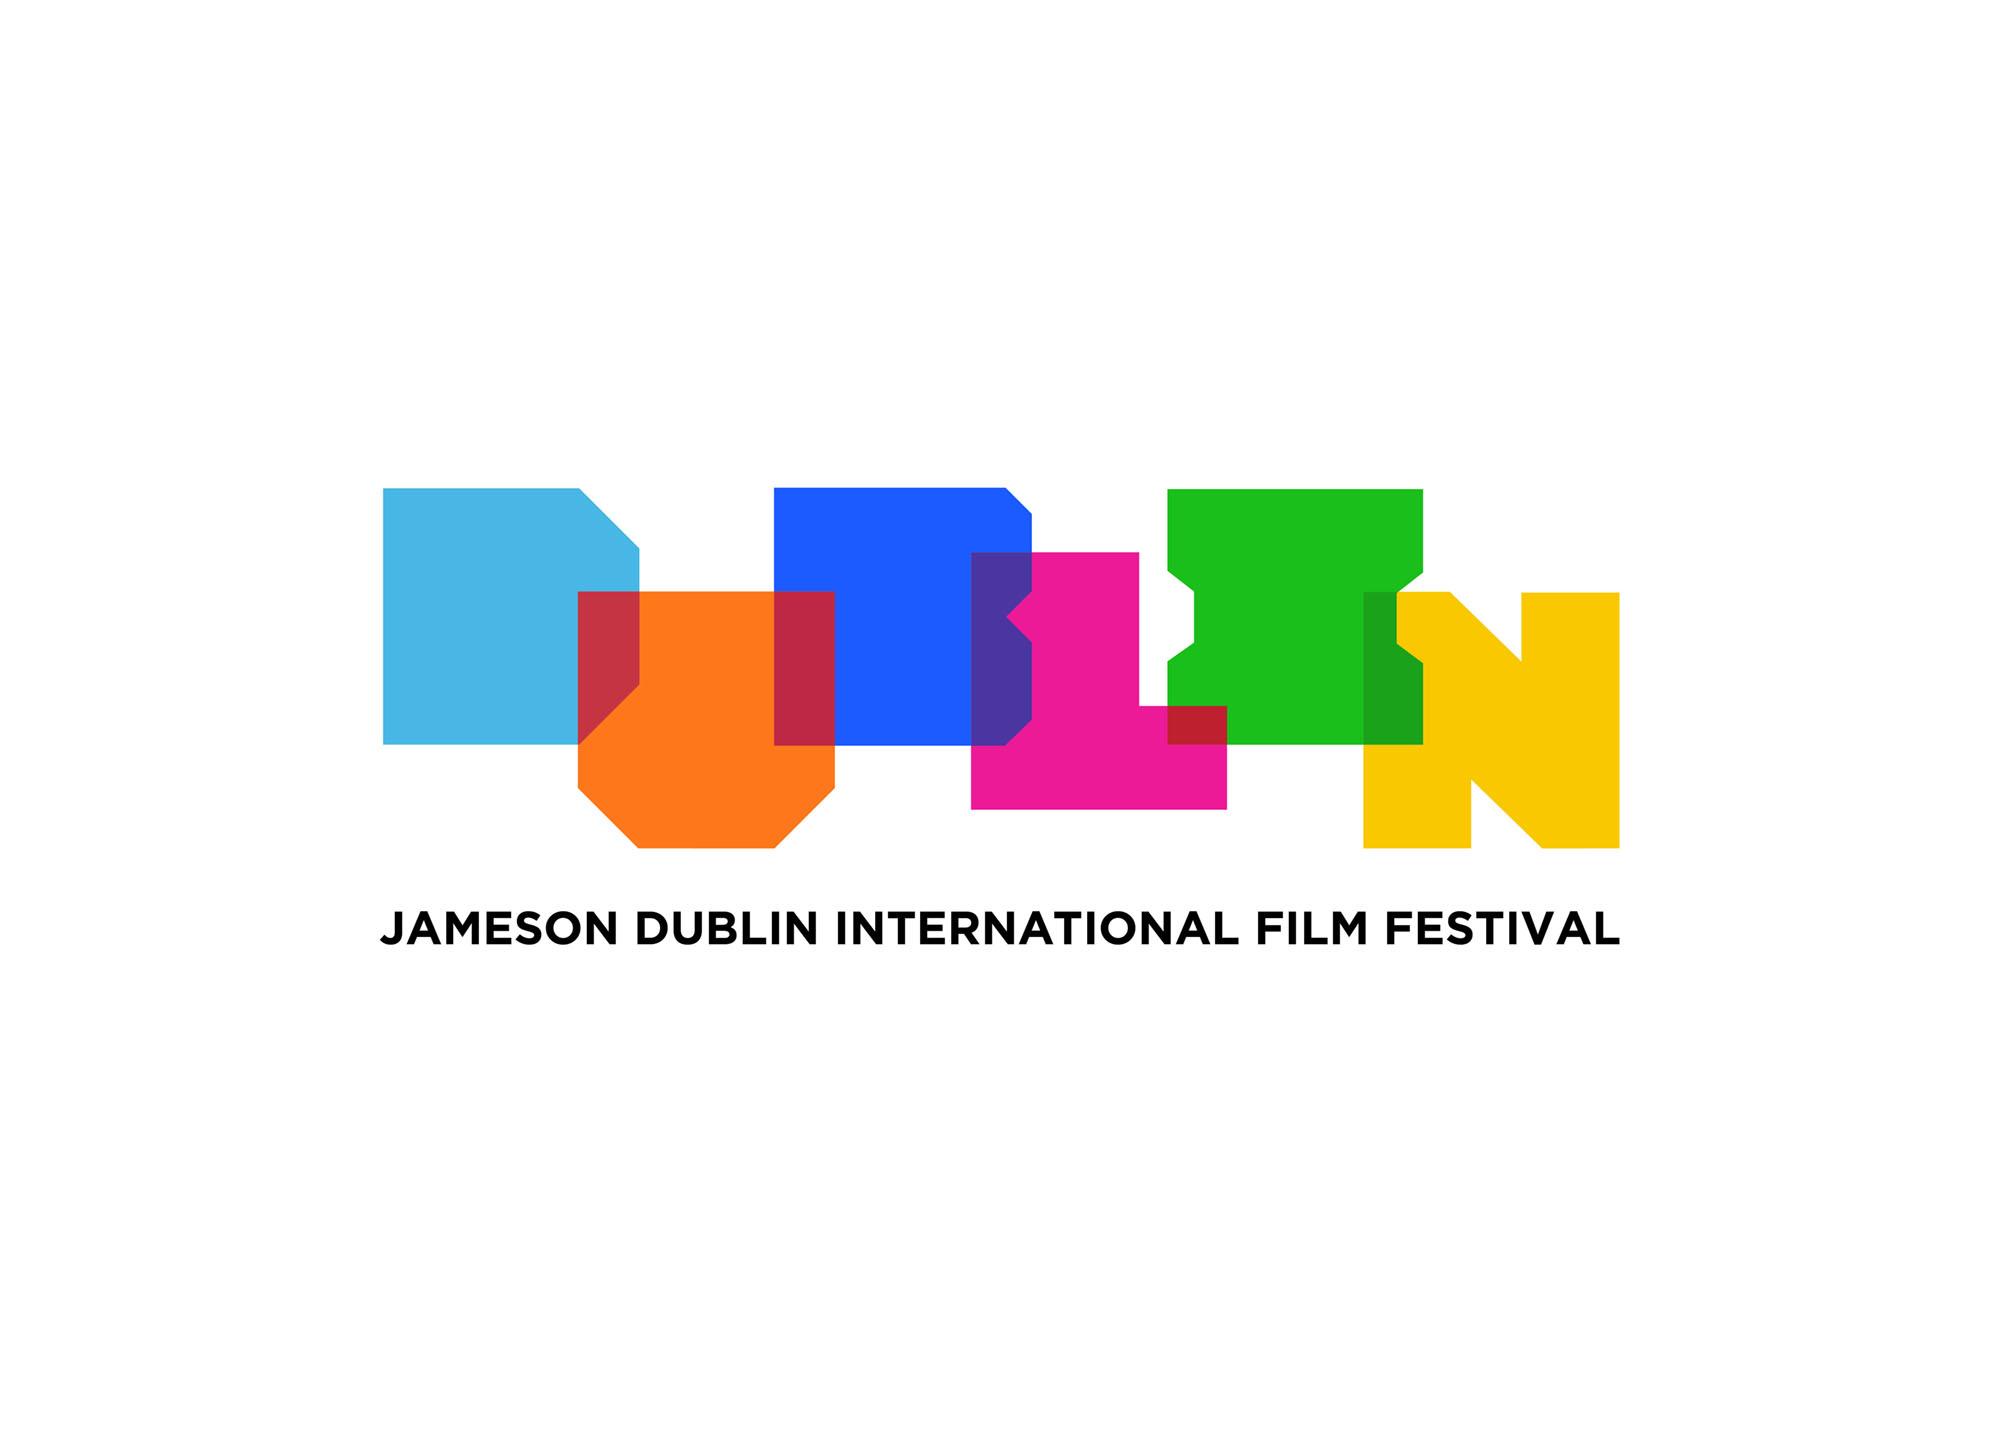 Cover image: Jameson Dublin International Film Festival 2015